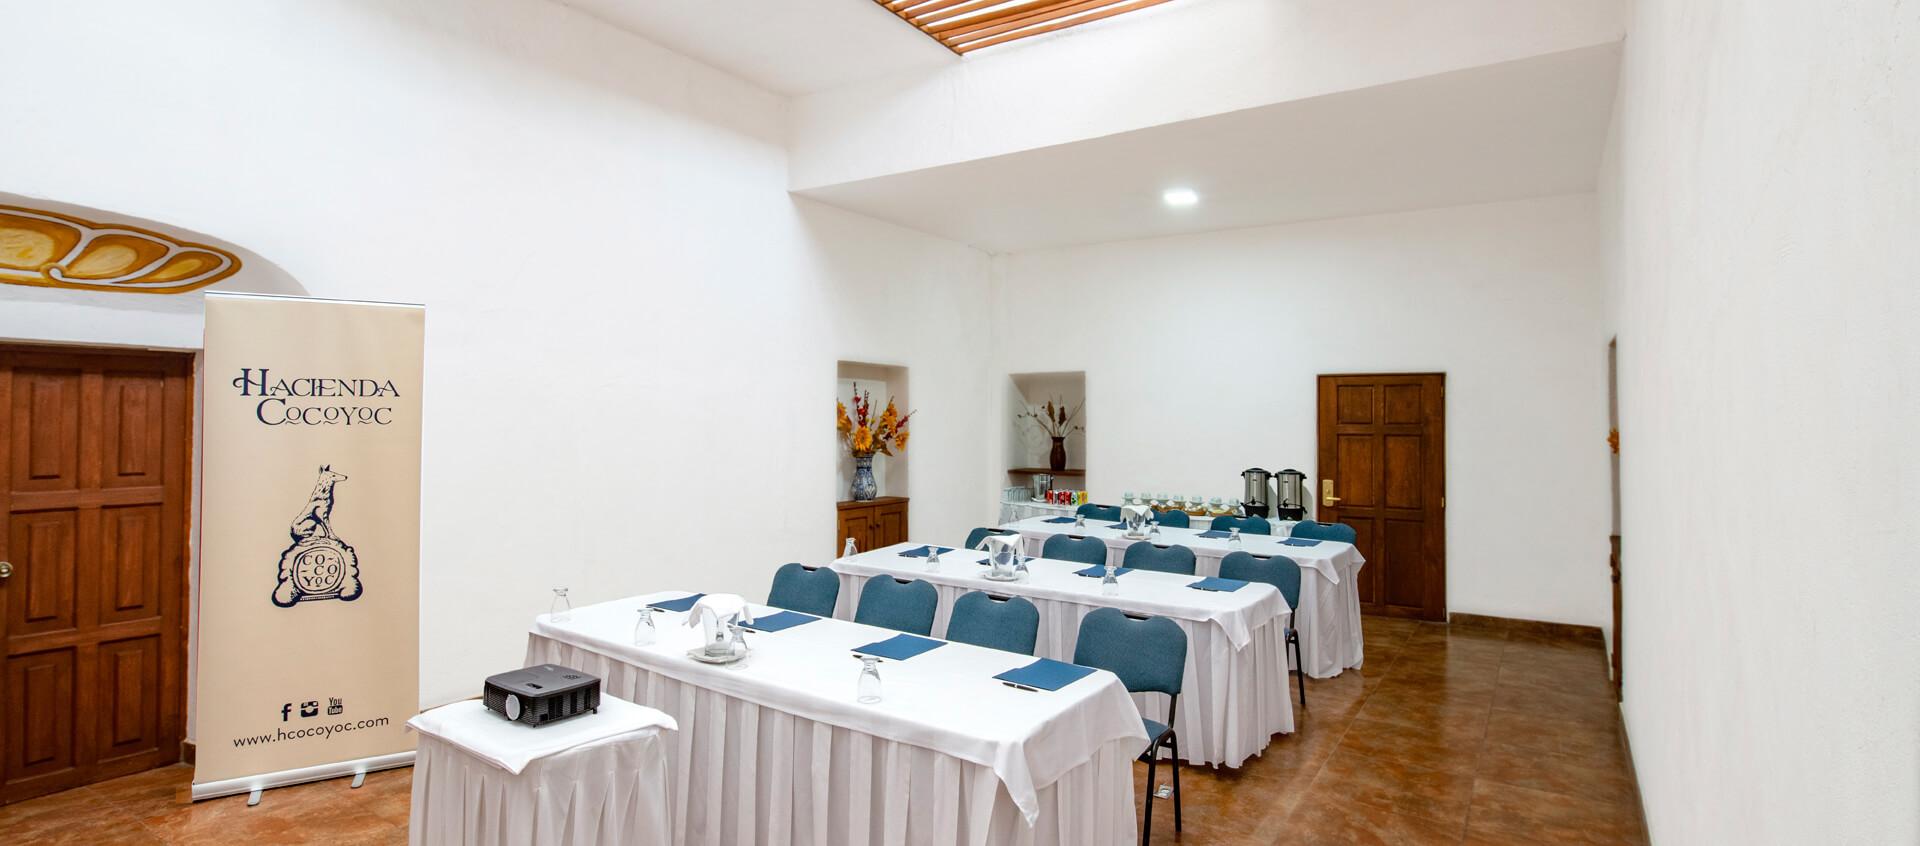 Sala-Parador-HaciendaCocoyoc-eventos-empresariales